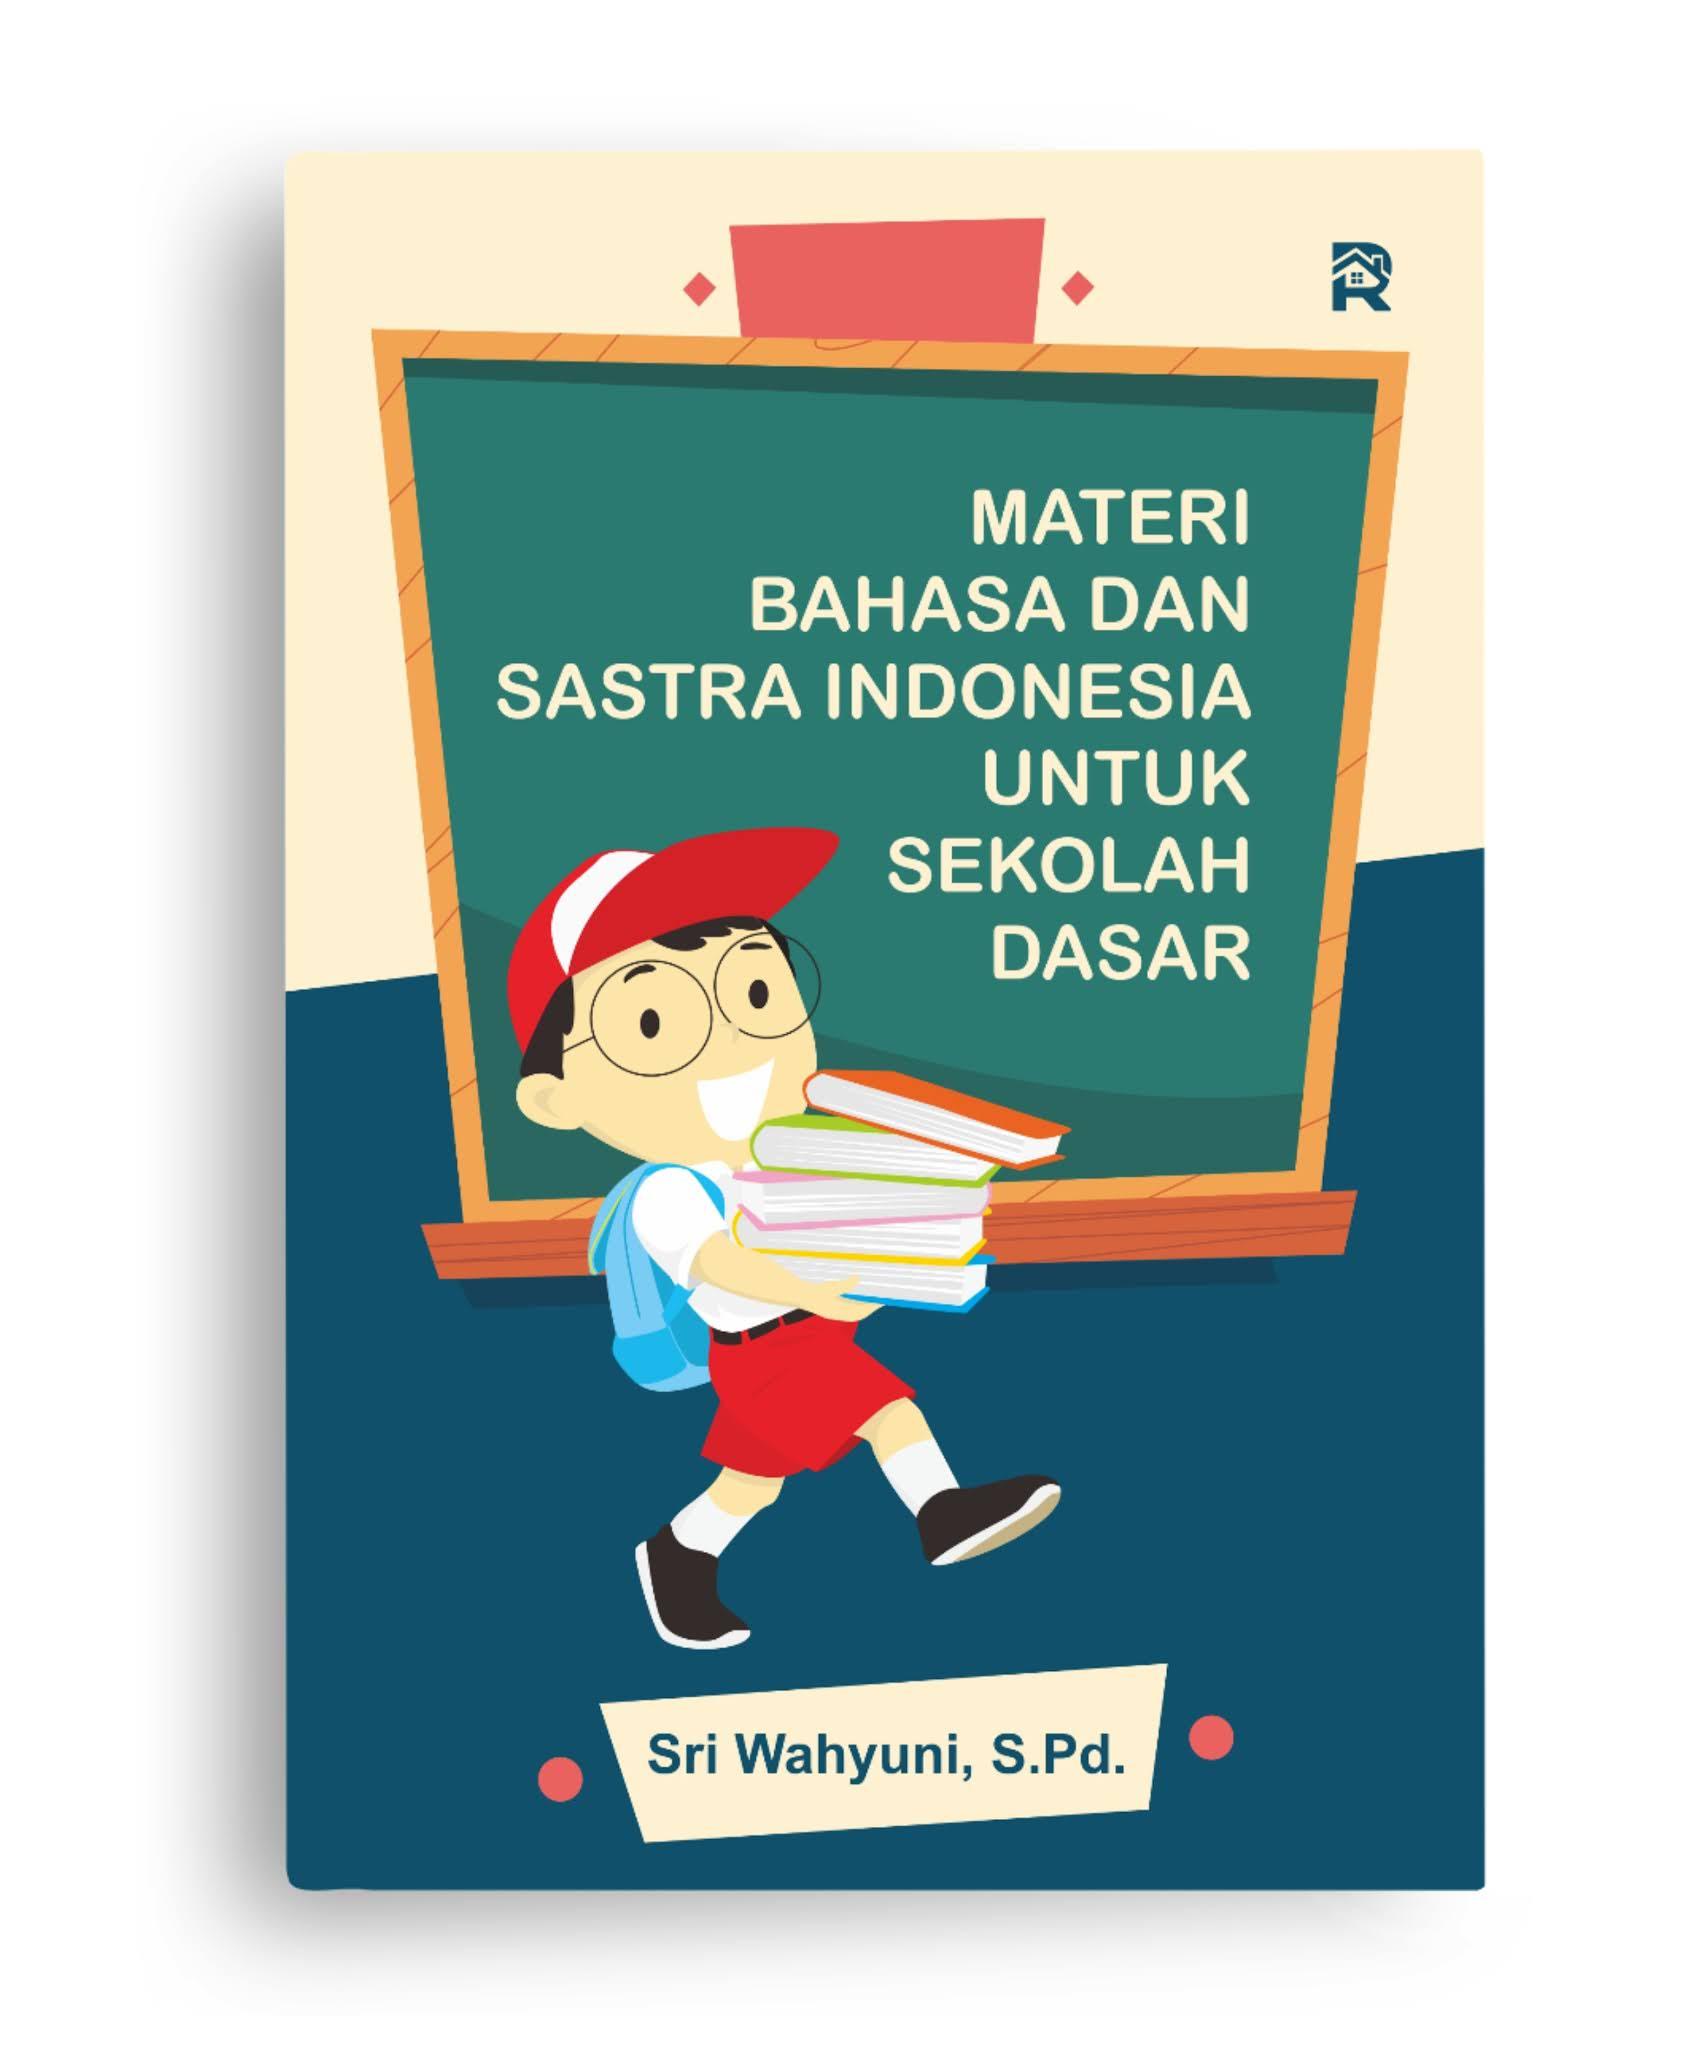 Materi Bahasa dan Sastra Indonesia untuk Sekolah Dasar